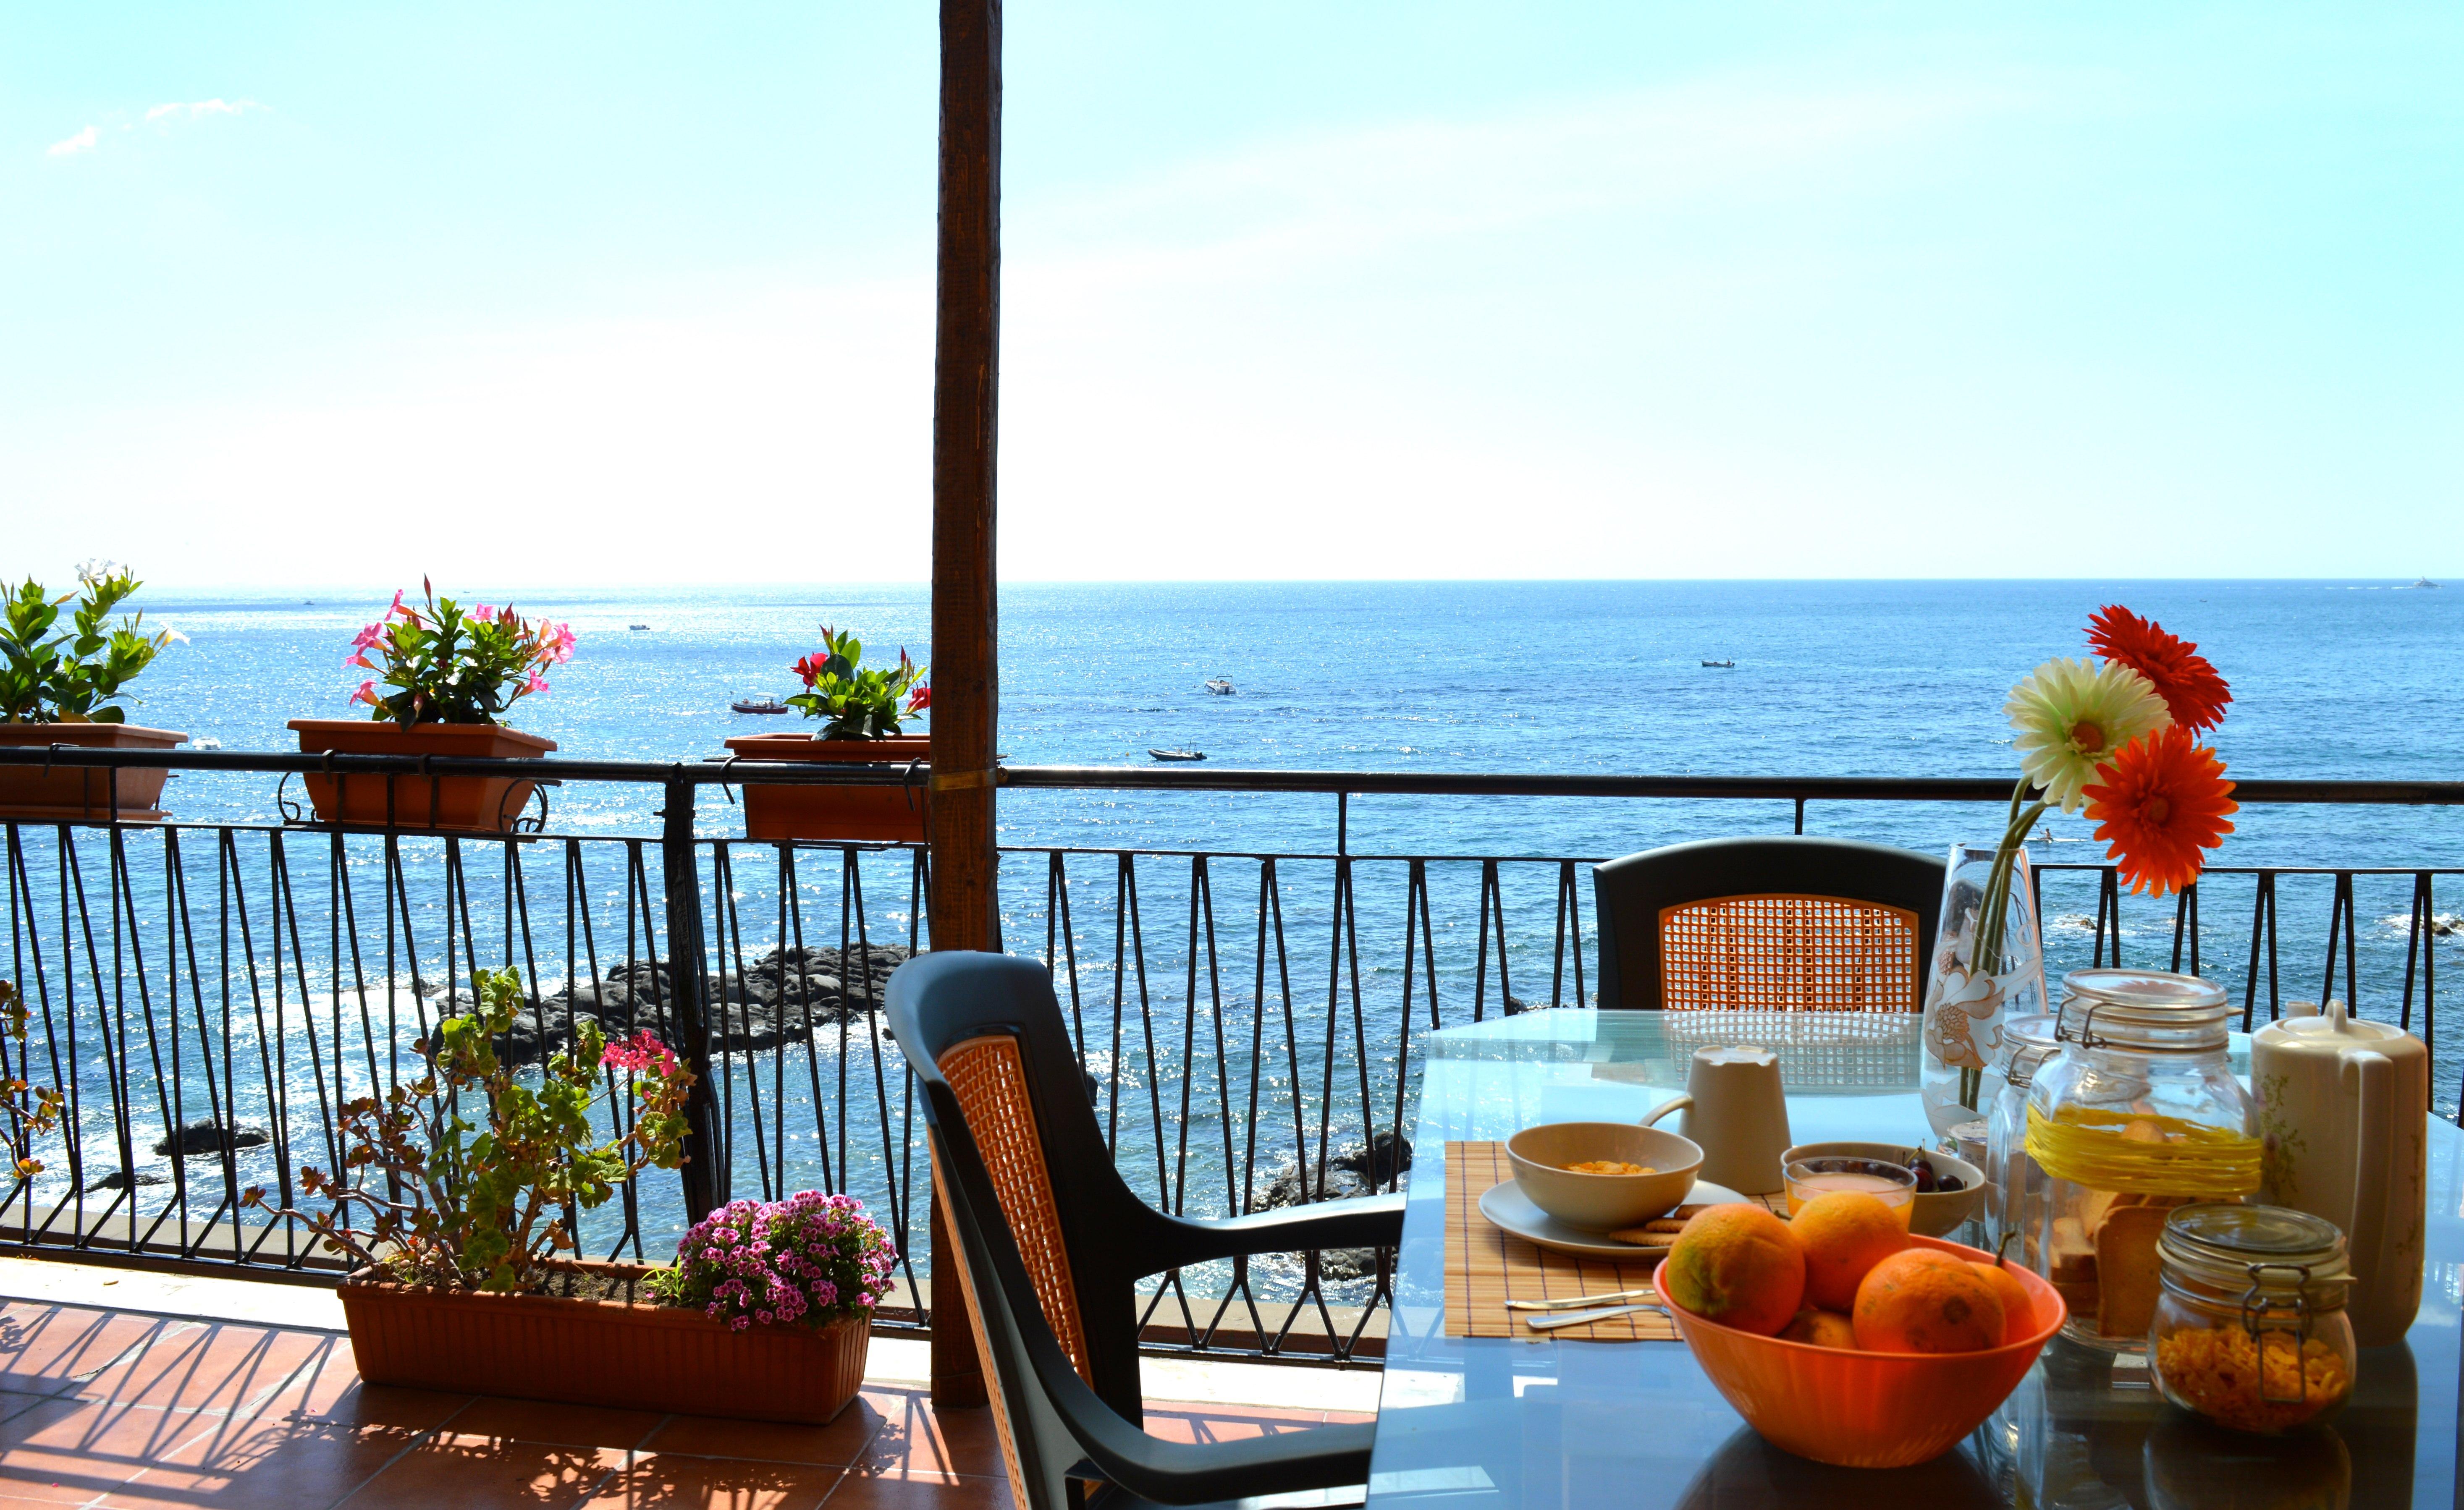 B&B Teocle | Sole, mare, relax, buon cibo...cosa vuoi di più